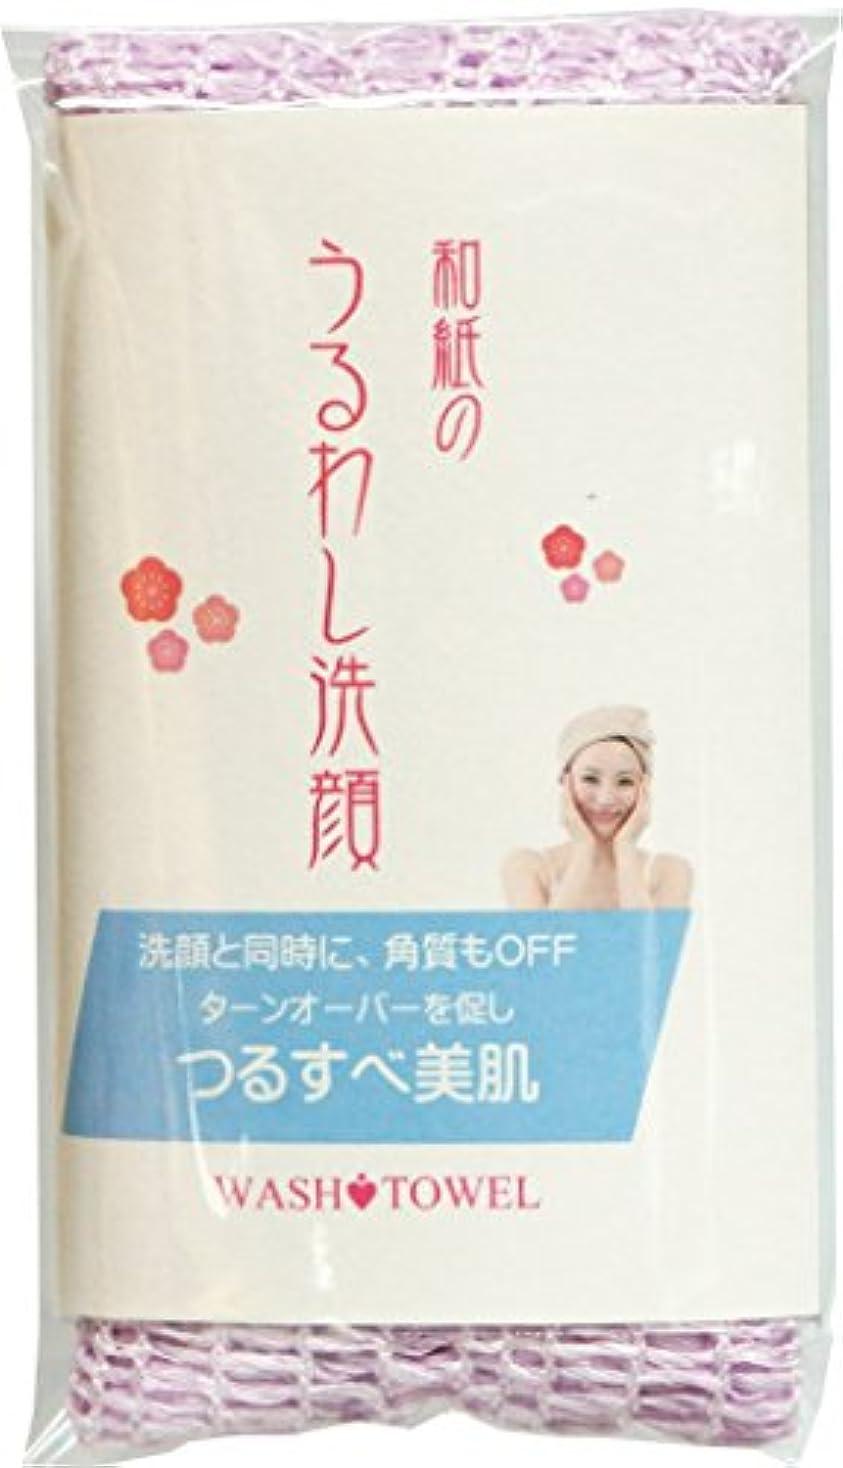 和紙の「うるわし洗顔」 洗顔と同時に角質OFF、ピーリングを促し、つるすべ美肌 安心の日本製:うるわしパープル